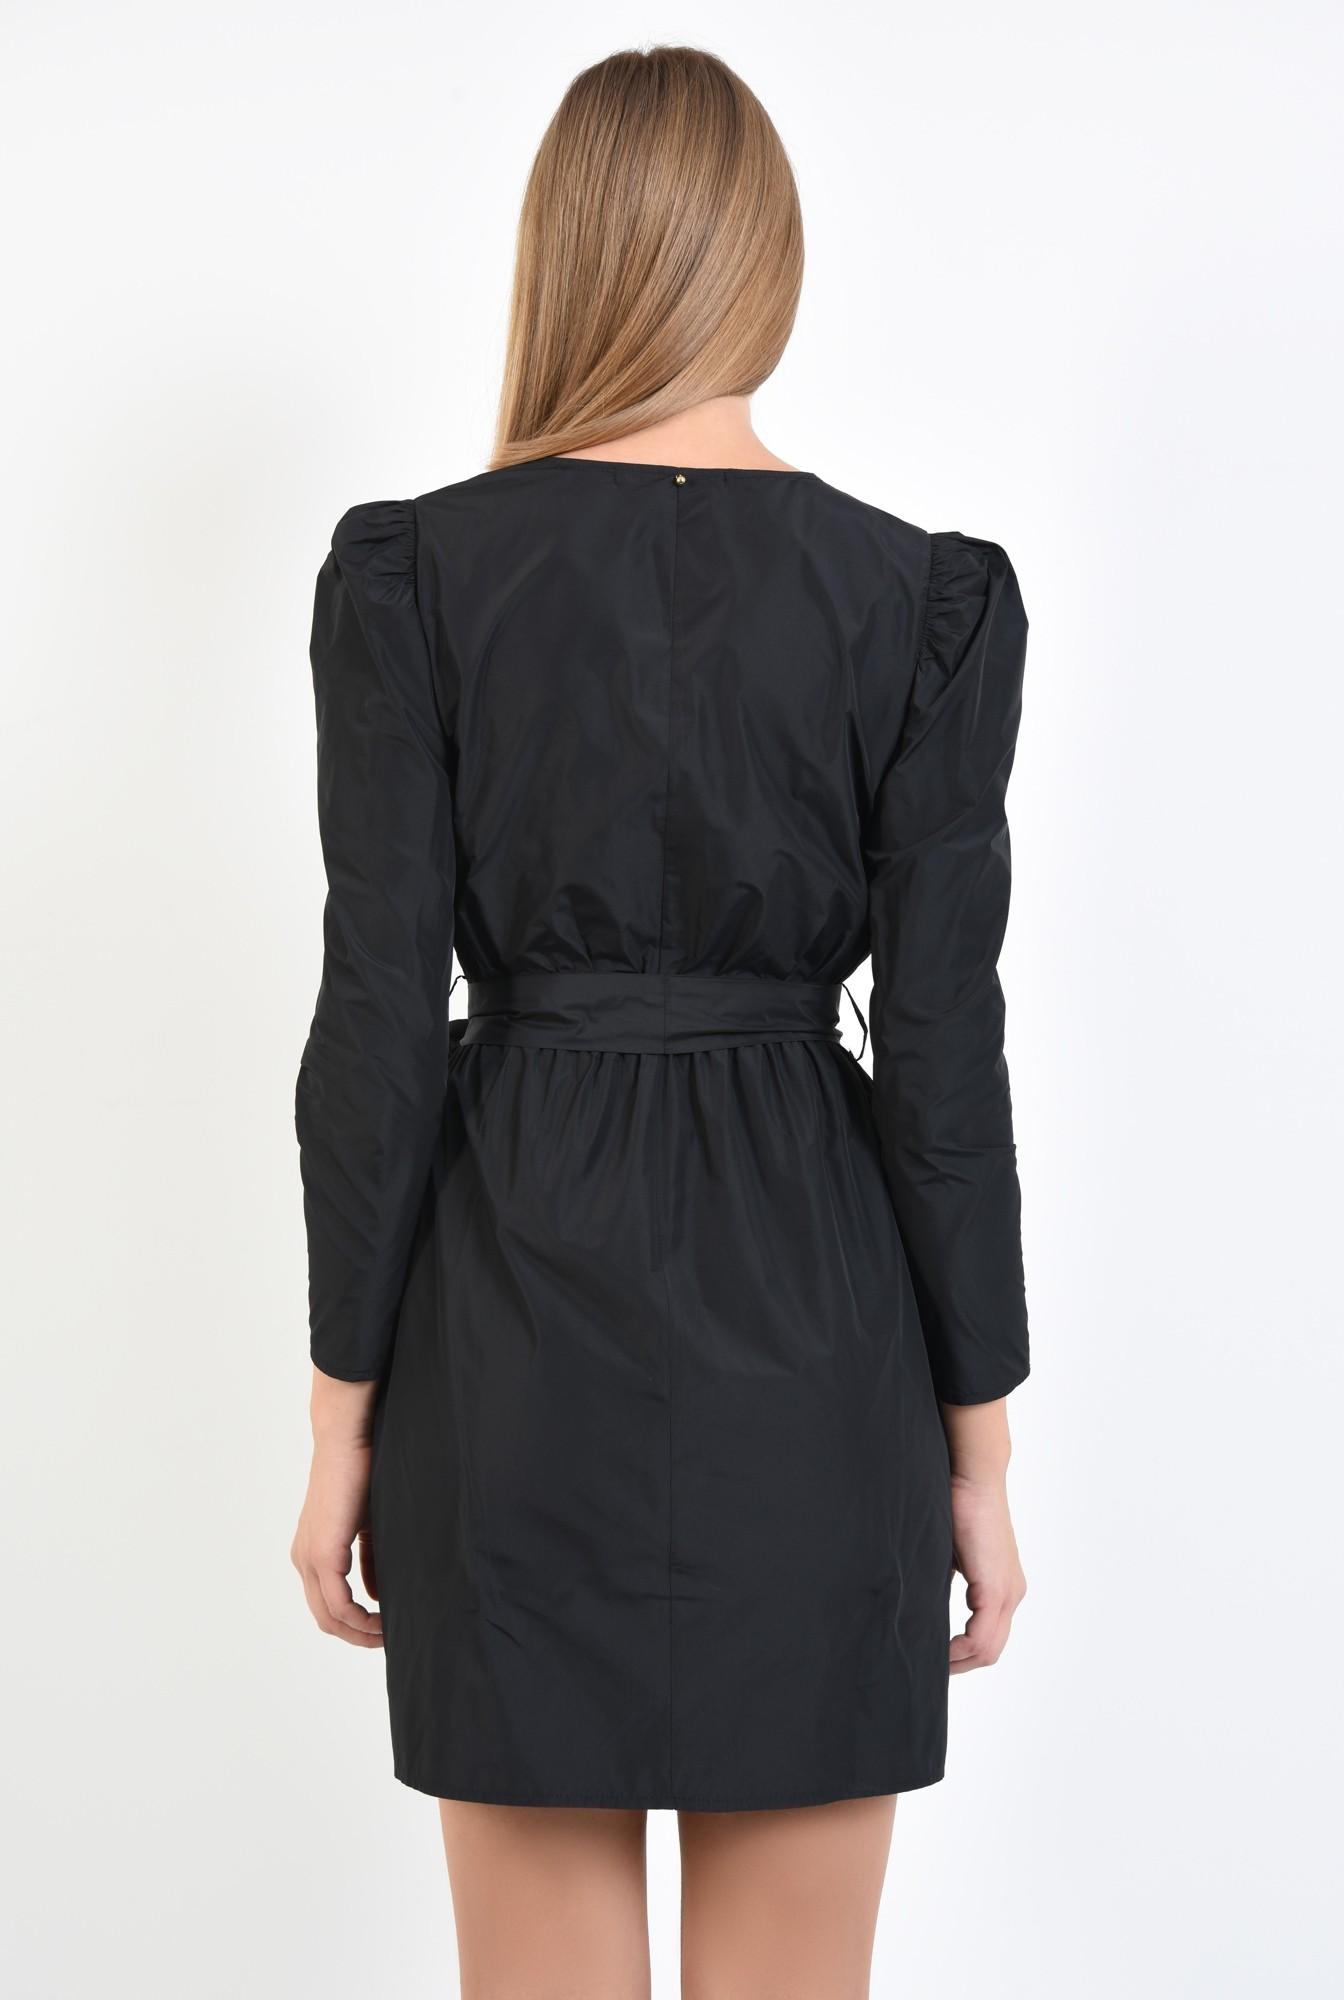 1 - 360 - rochie casual, scurta, petrecuta, neagra, cu cordon